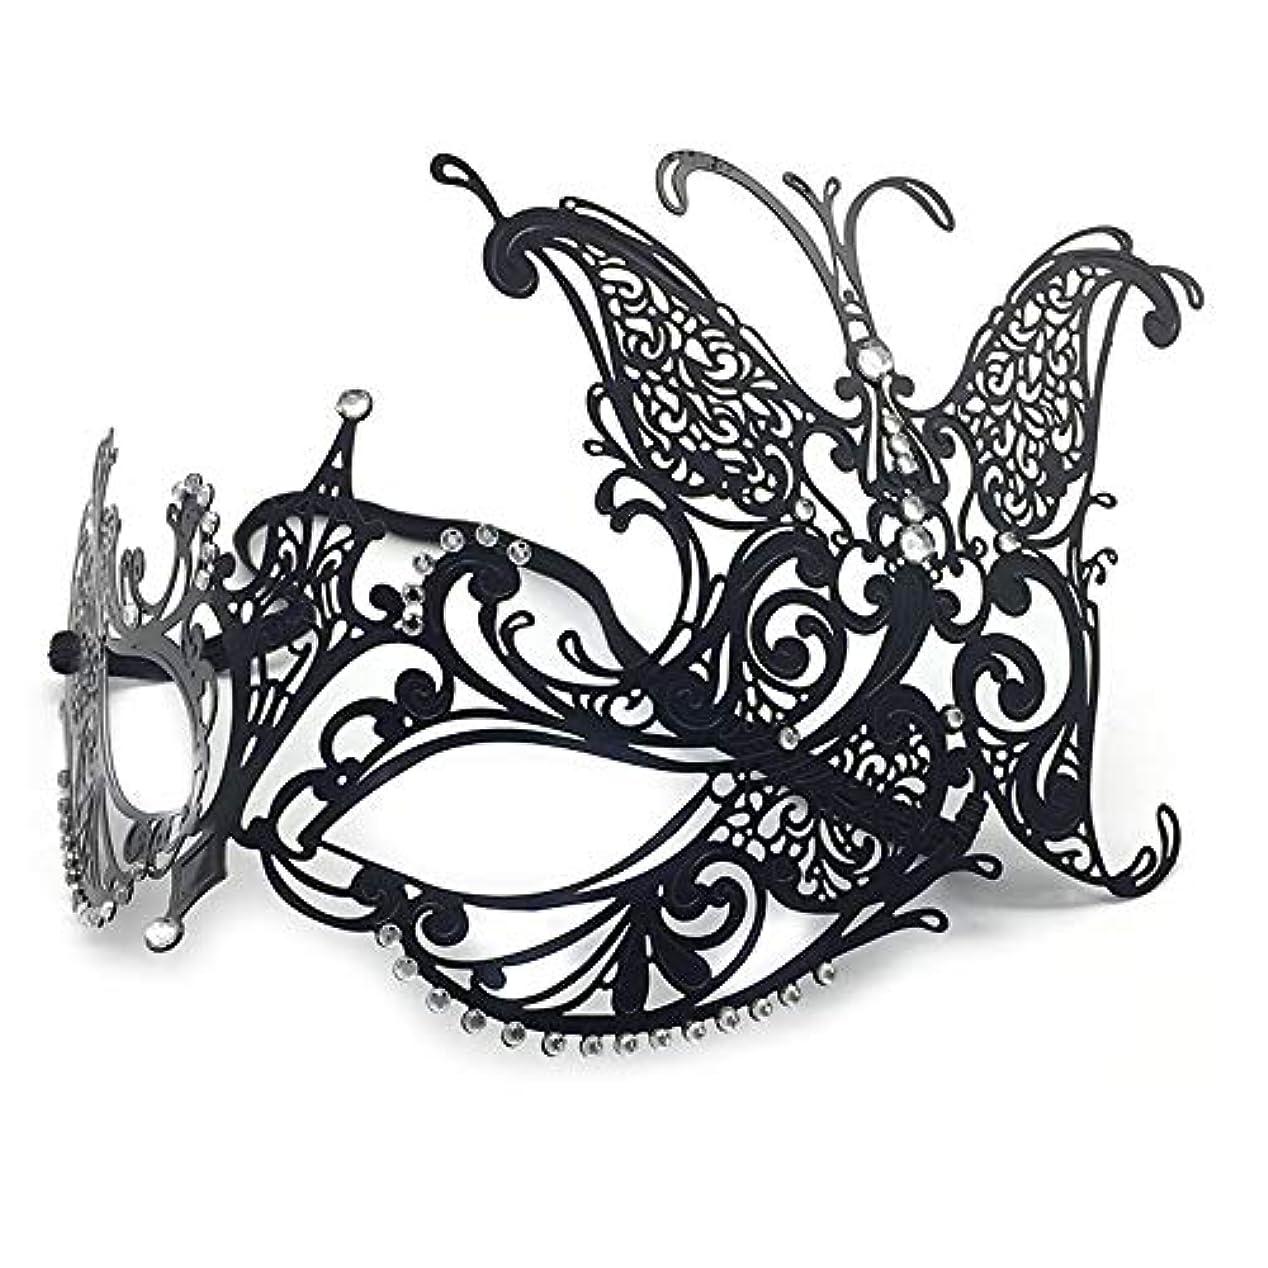 折る札入れ論争的ハロウィンマスク仮装ハーフフェイスマスクレディバタフライメタルダイヤモンドパーティーアイマスク